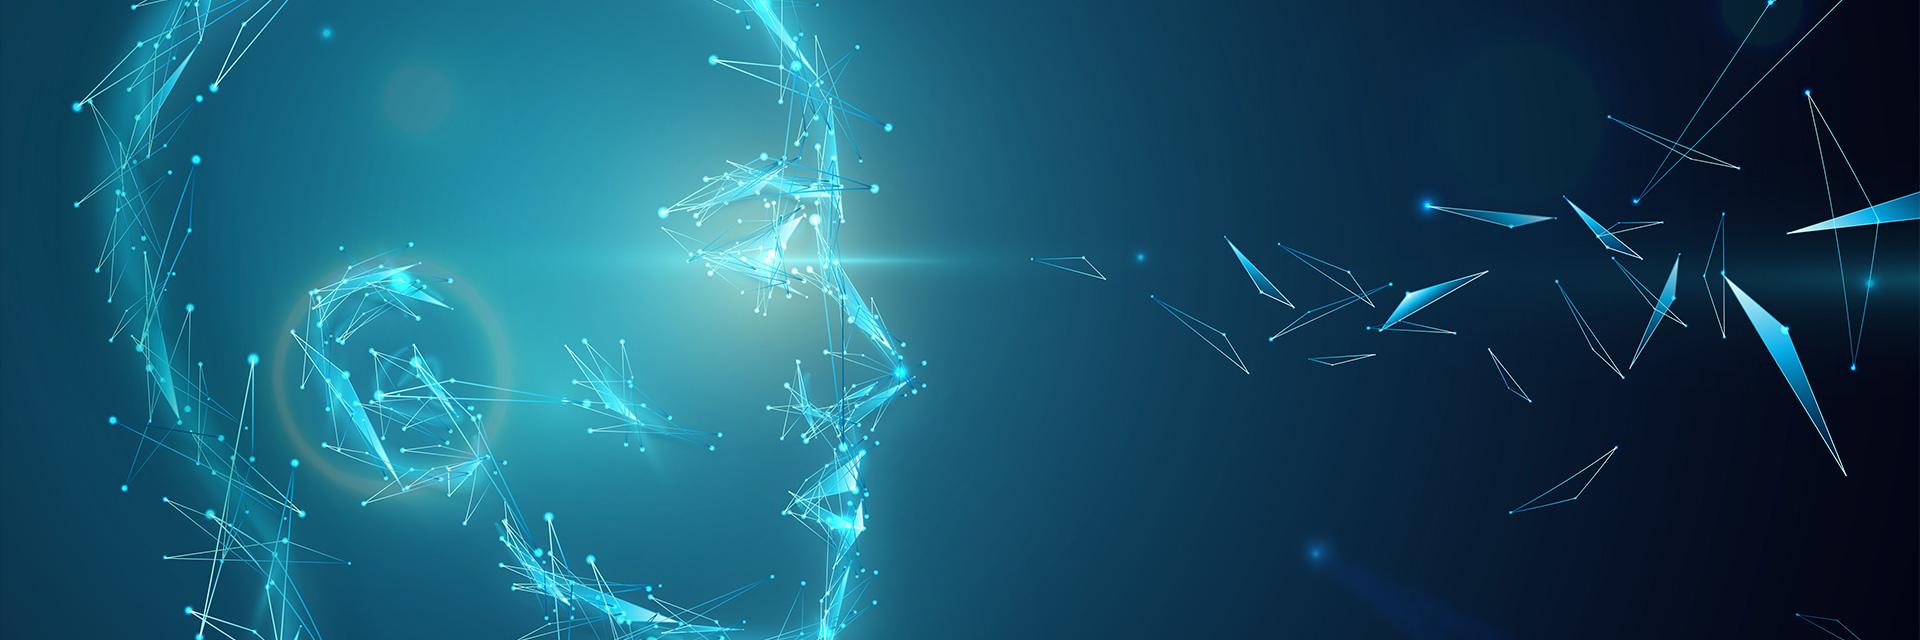 Органы чувств человека сколько их как беречь основные функции куда стекается вся информация какова роль 5 органов в познании мира